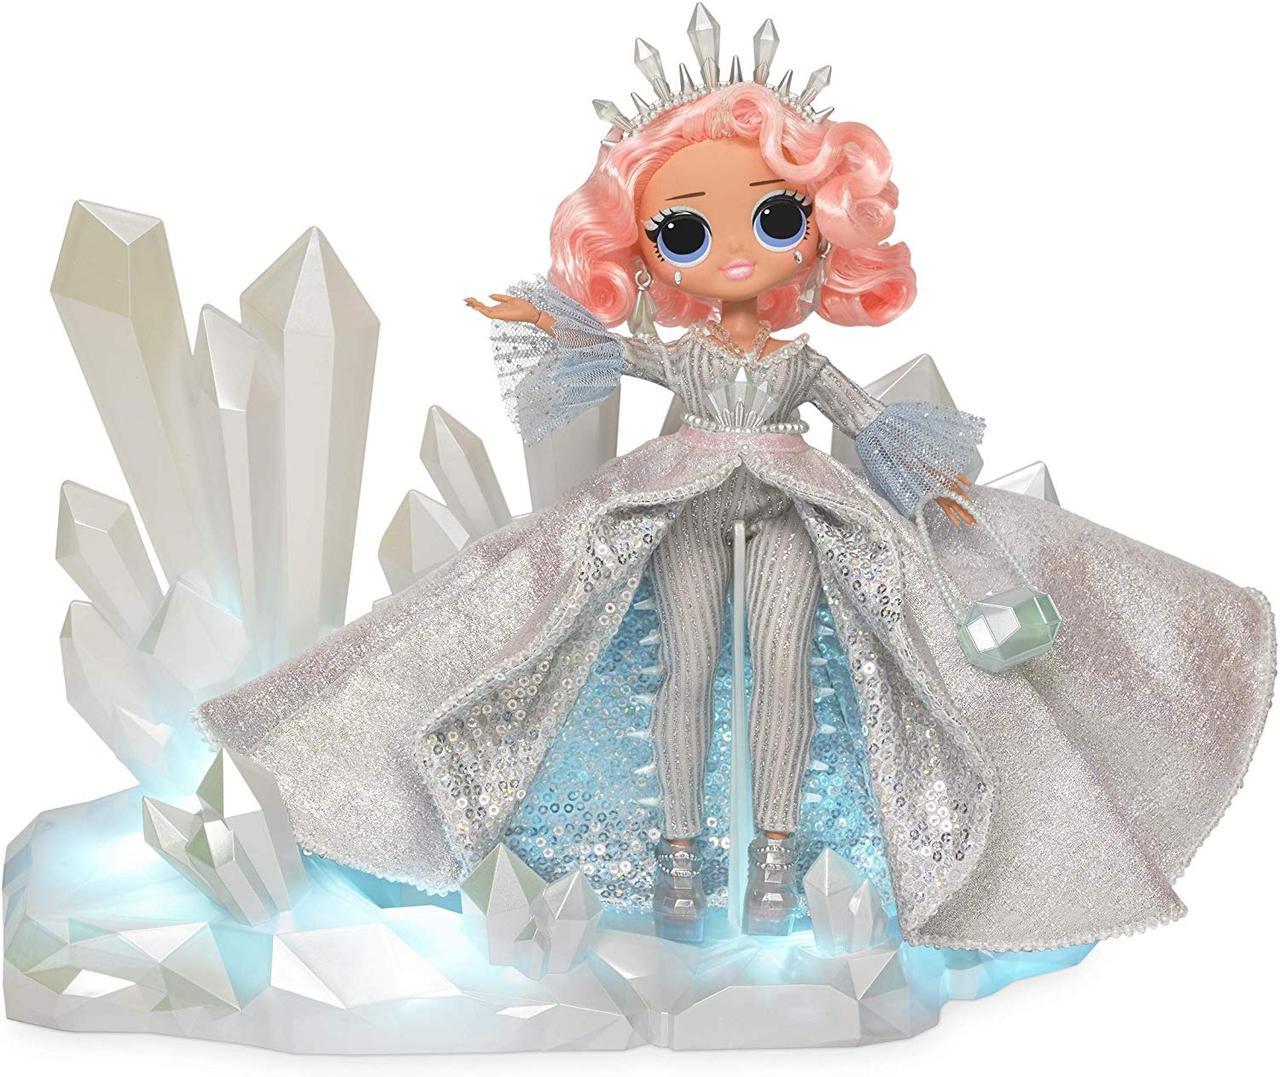 Коллекционная кукла ЛОЛ ОМГ Зимнее диско Хрустальная звезда L.O.L. Surprise! O.M.G. Crystal Star